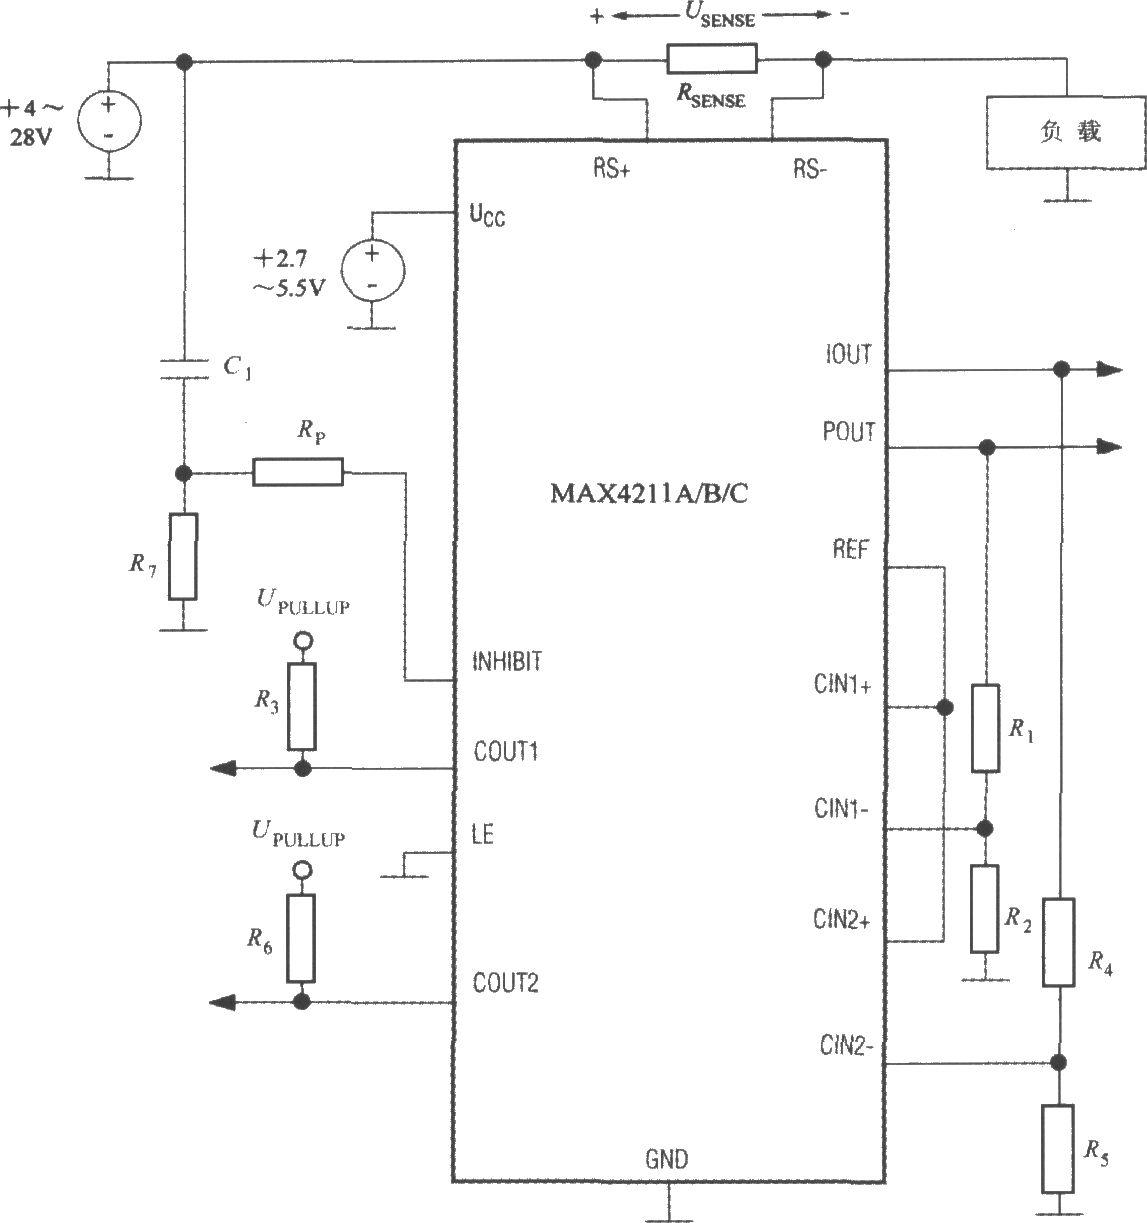 图中,upullup为比较器1和比较器2的上拉电源.rsense为电流检测电阻.